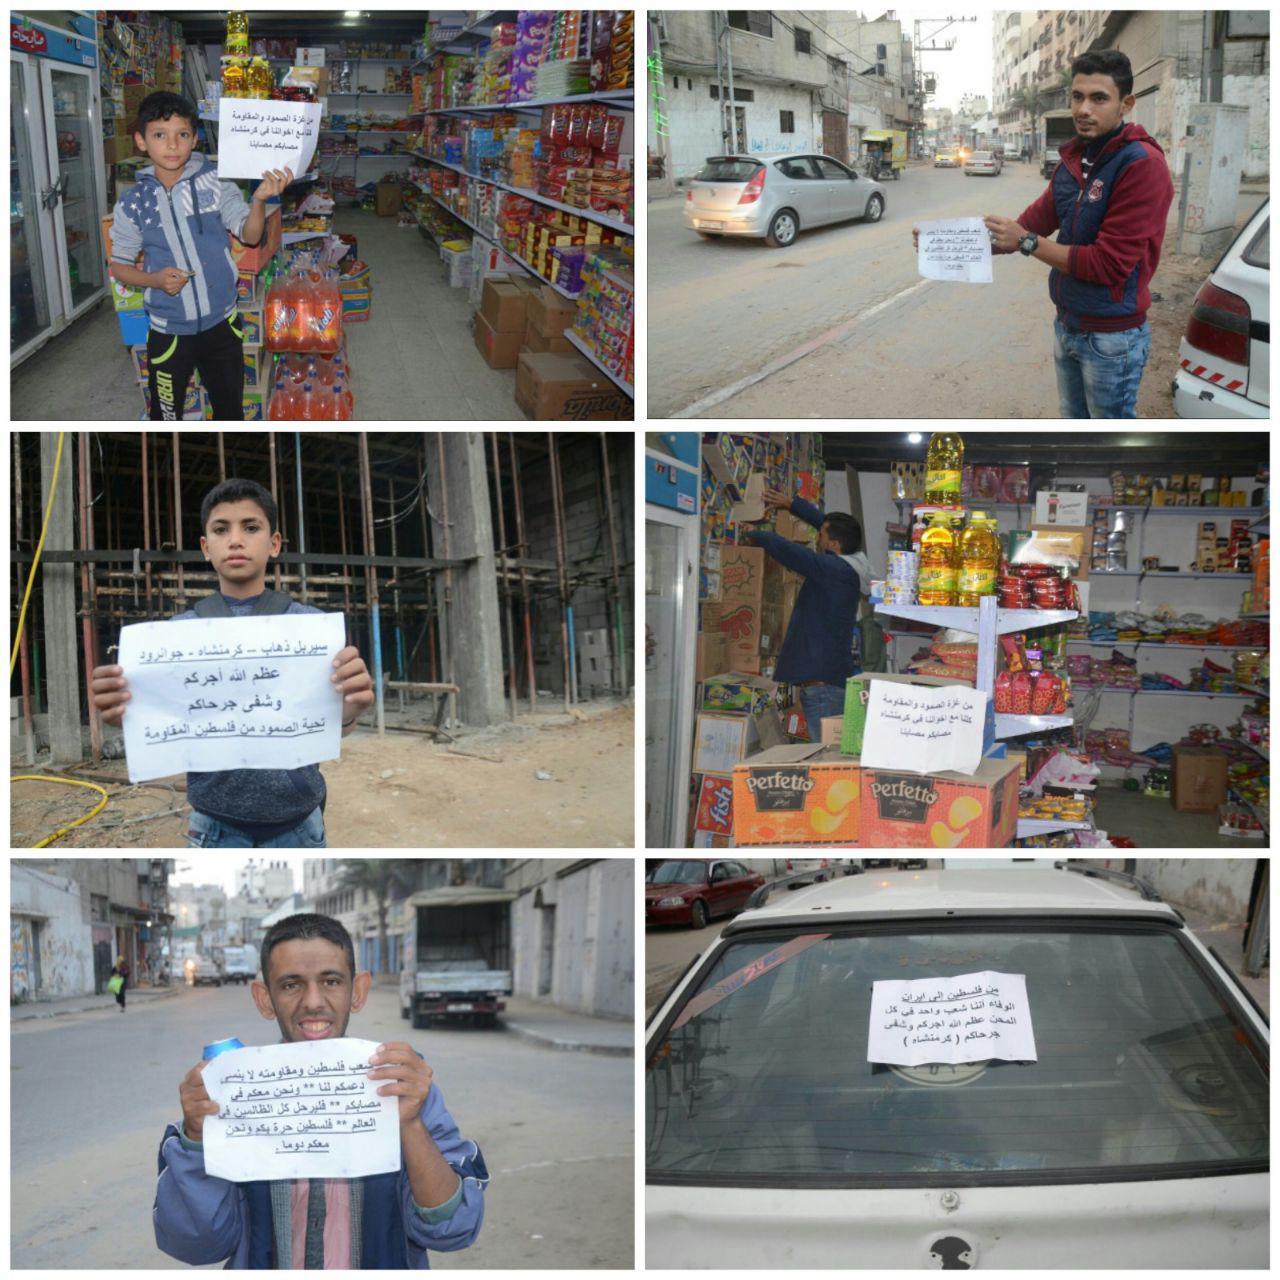 همدردی فلسطینی ها با زلزله غرب کشور